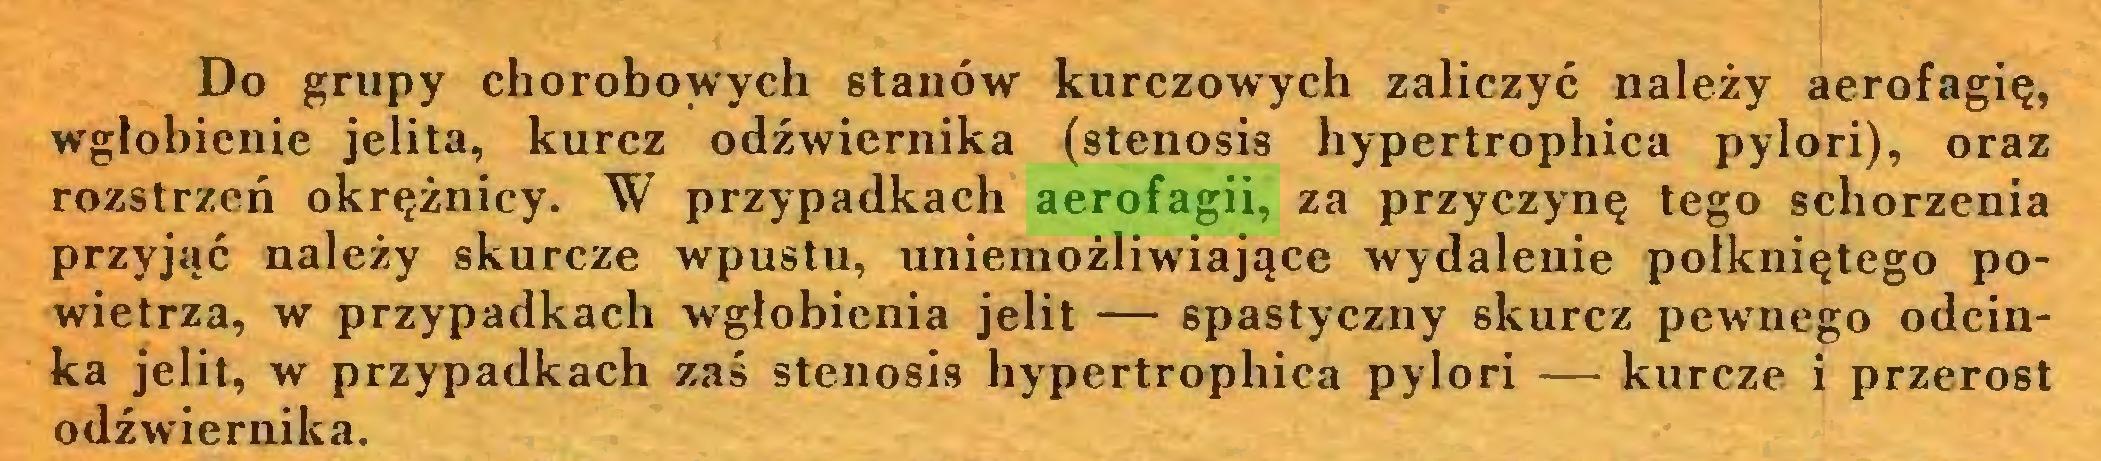 (...) Do grupy chorobowych stanów kurczowych zaliczyć należy aerofagię, wglobienie jelita, kurcz odźwiernika (stenosis hypertrophica pylori), oraz rozstrzeń okrężnicy. W przypadkach aerofagii, za przyczynę tego schorzenia przyjąć należy skurcze wpustu, uniemożliwiające wydalenie połkniętego powietrza, w przypadkach wgłobienia jelit — spastyczny skurcz pewnego odcinka jelit, w przypadkach zaś stenosis hypertrophica pylori — kurcze i przerost odźwiernika...